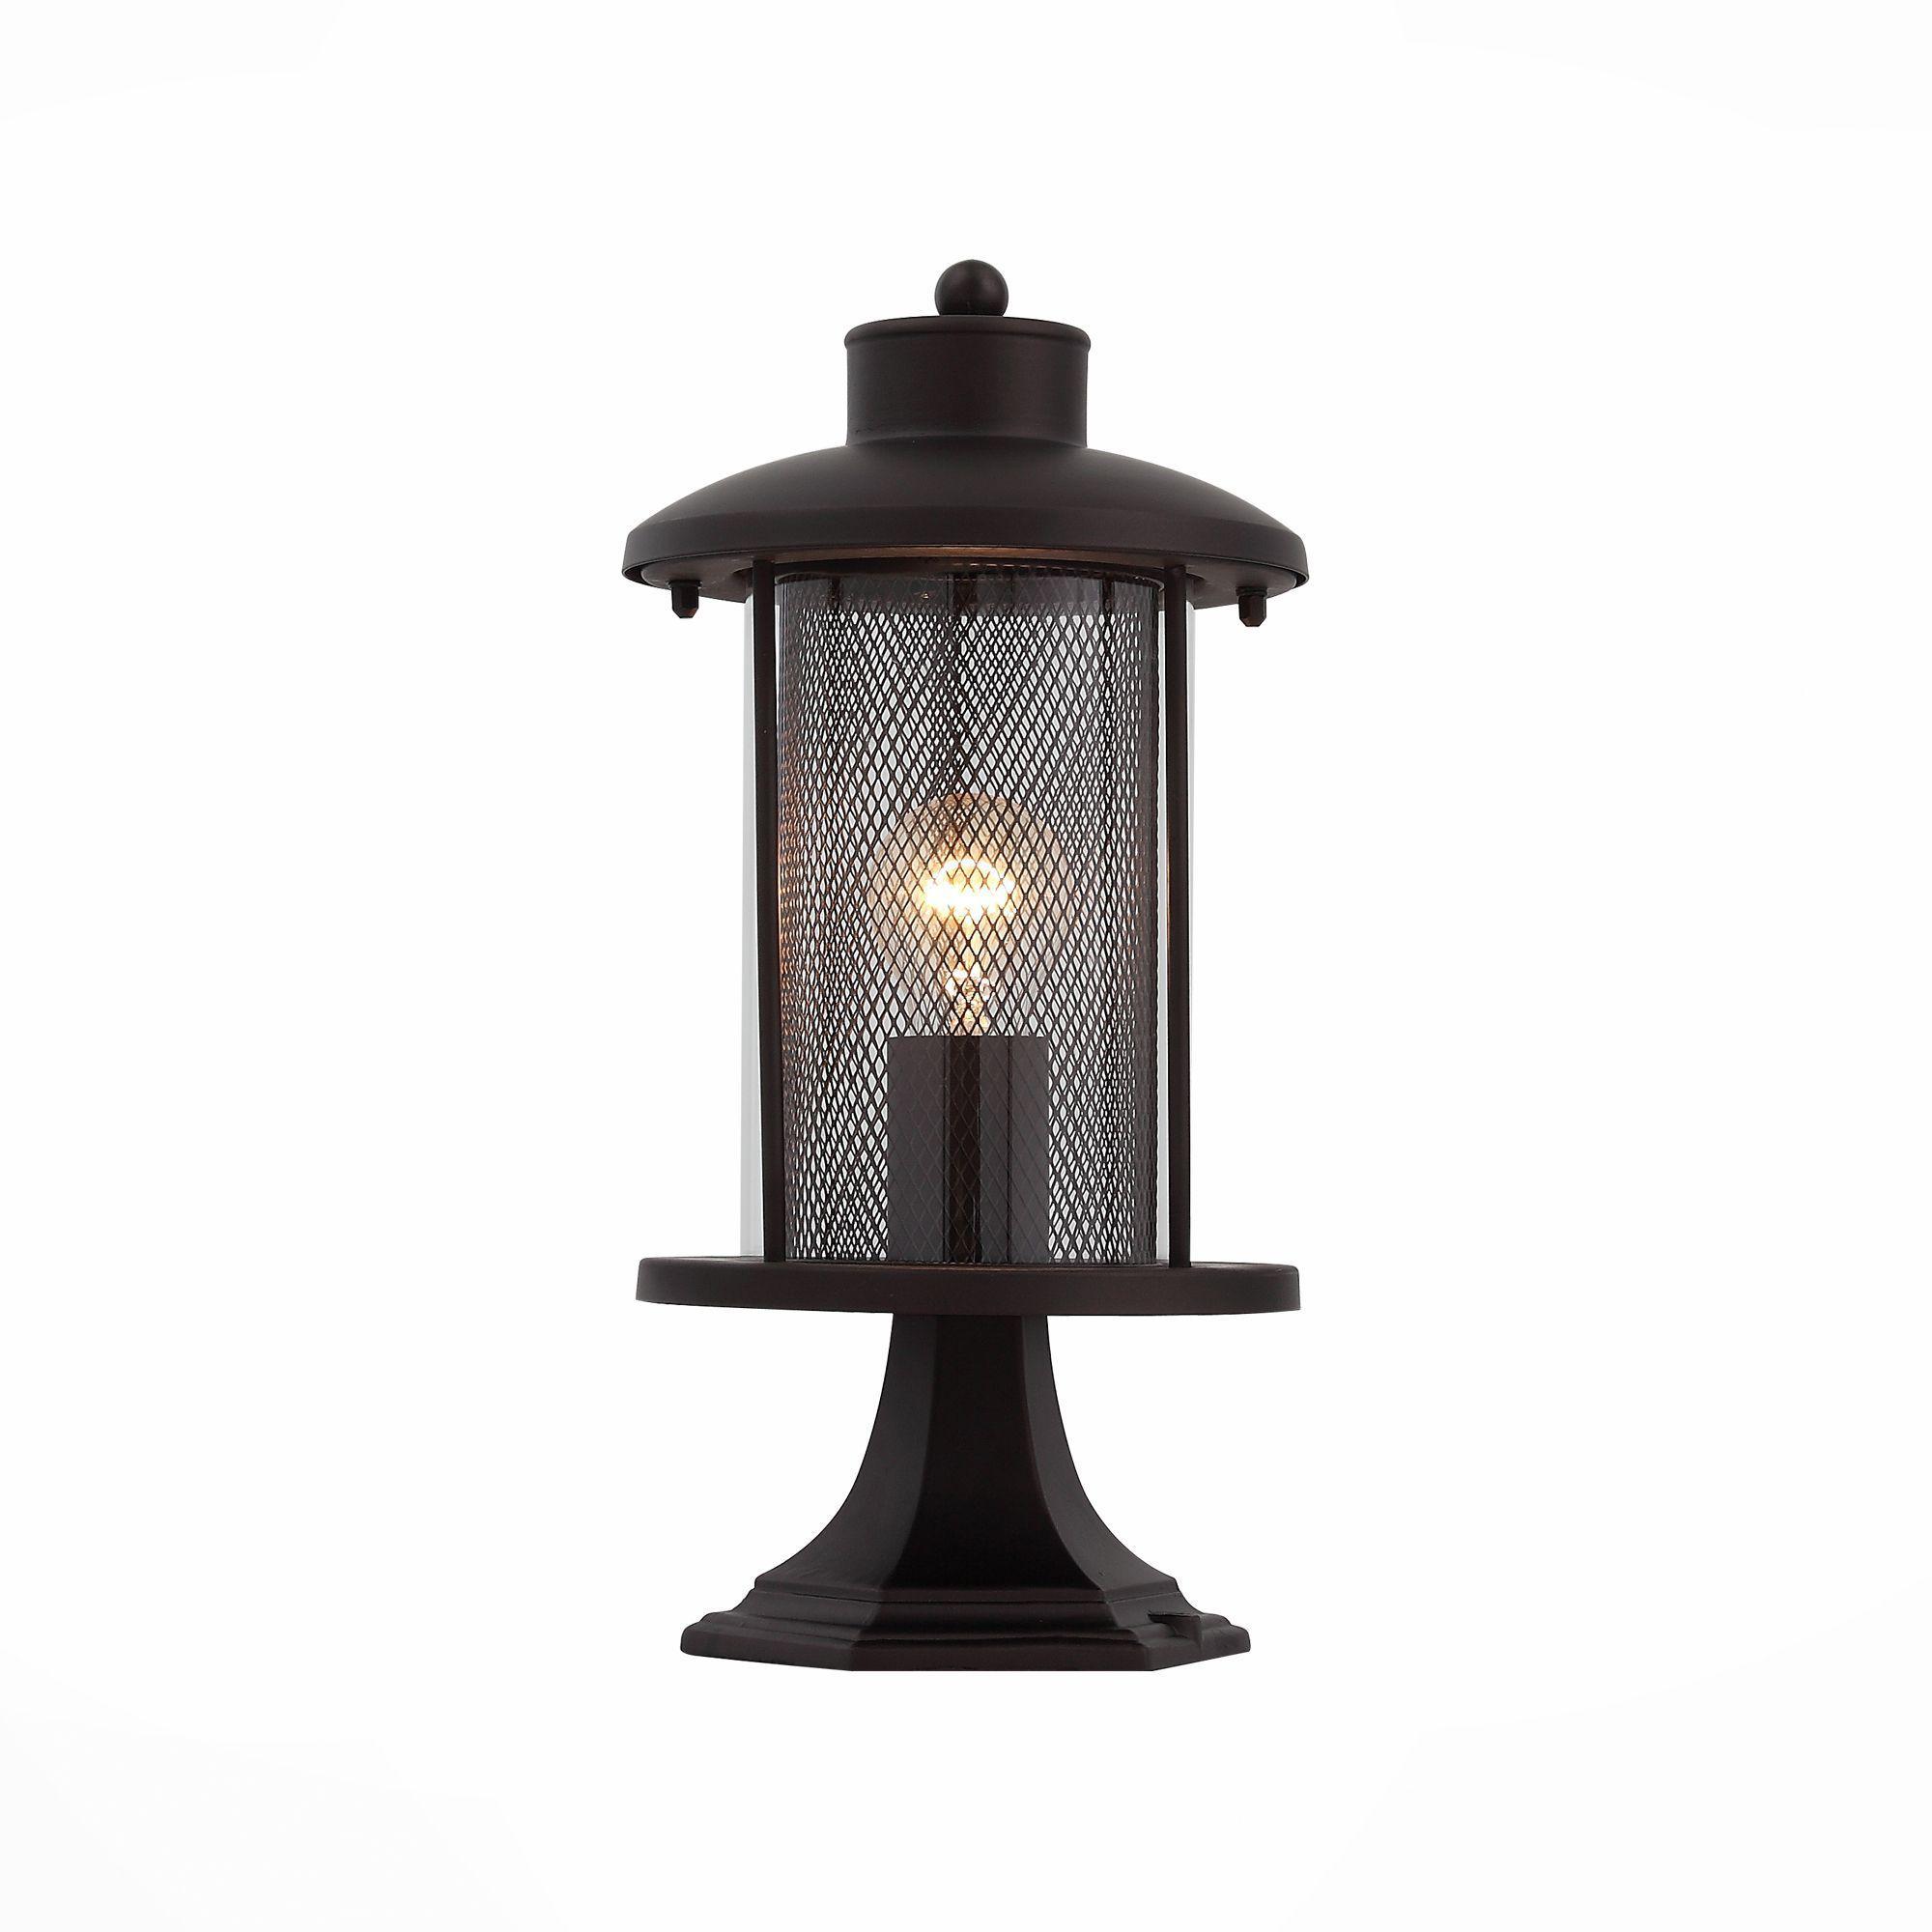 Светильник уличный наземный ST-Luce Темный кофе/Прозрачный, Темный кофе E27 1*60W SL080.405.01